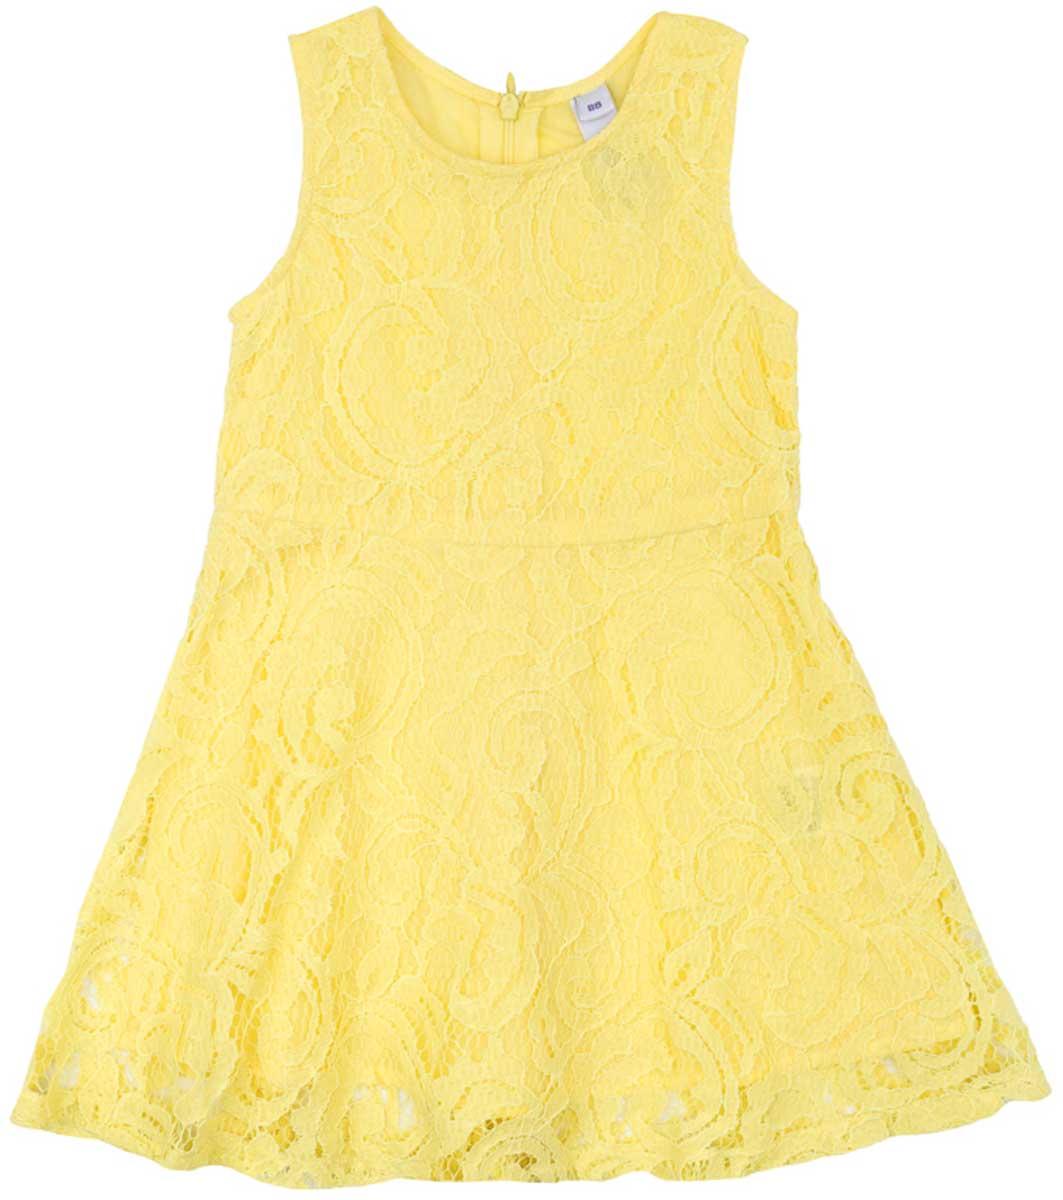 Платье для девочки PlayToday, цвет: желтый. 172112. Размер 104172112Ажурное платье PlayToday, отрезное по талии, с округлым вырезом у горловины, понравится вашей моднице. Свободный крой не сковывает движений. Приятная на ощупь ткань не раздражает нежную кожу ребенка. Модель на подкладке из натурального хлопка. Платье будет прекрасным дополнением к детскому летнему гардеробу.